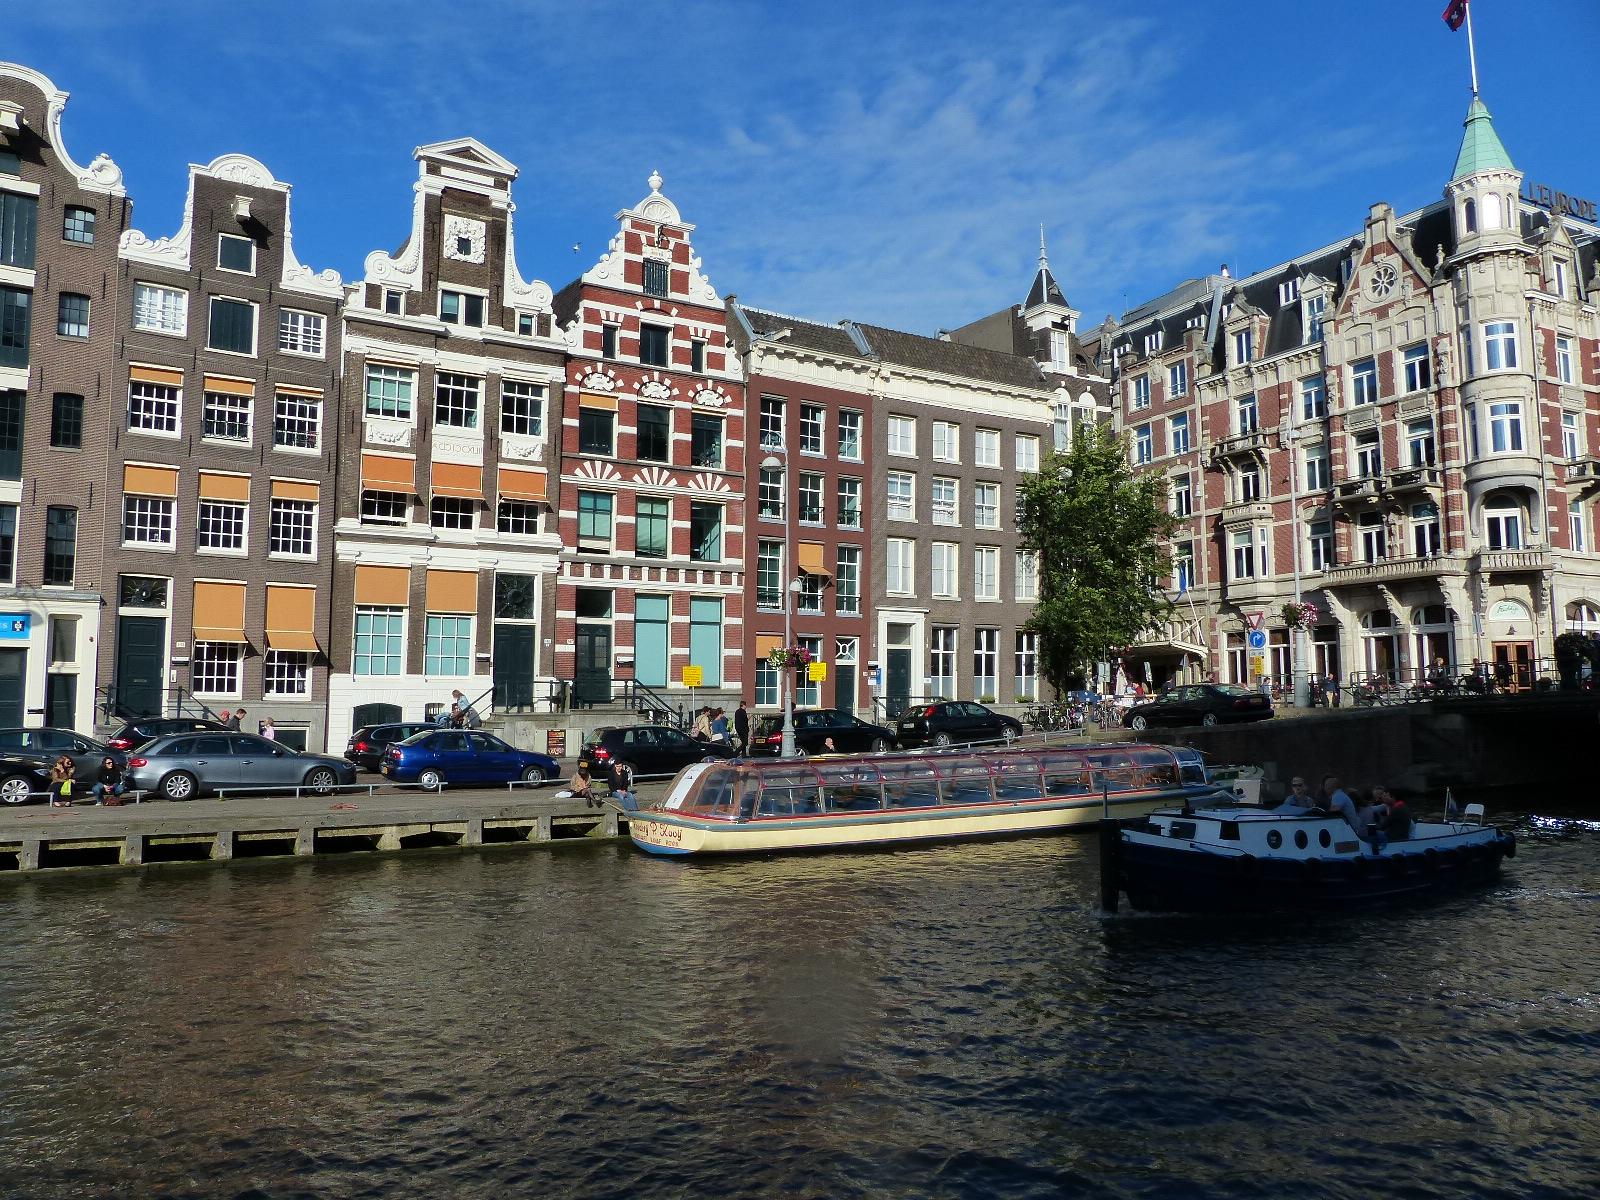 Typische Gracht in Amsterdam, Foto: Weirauch nicko